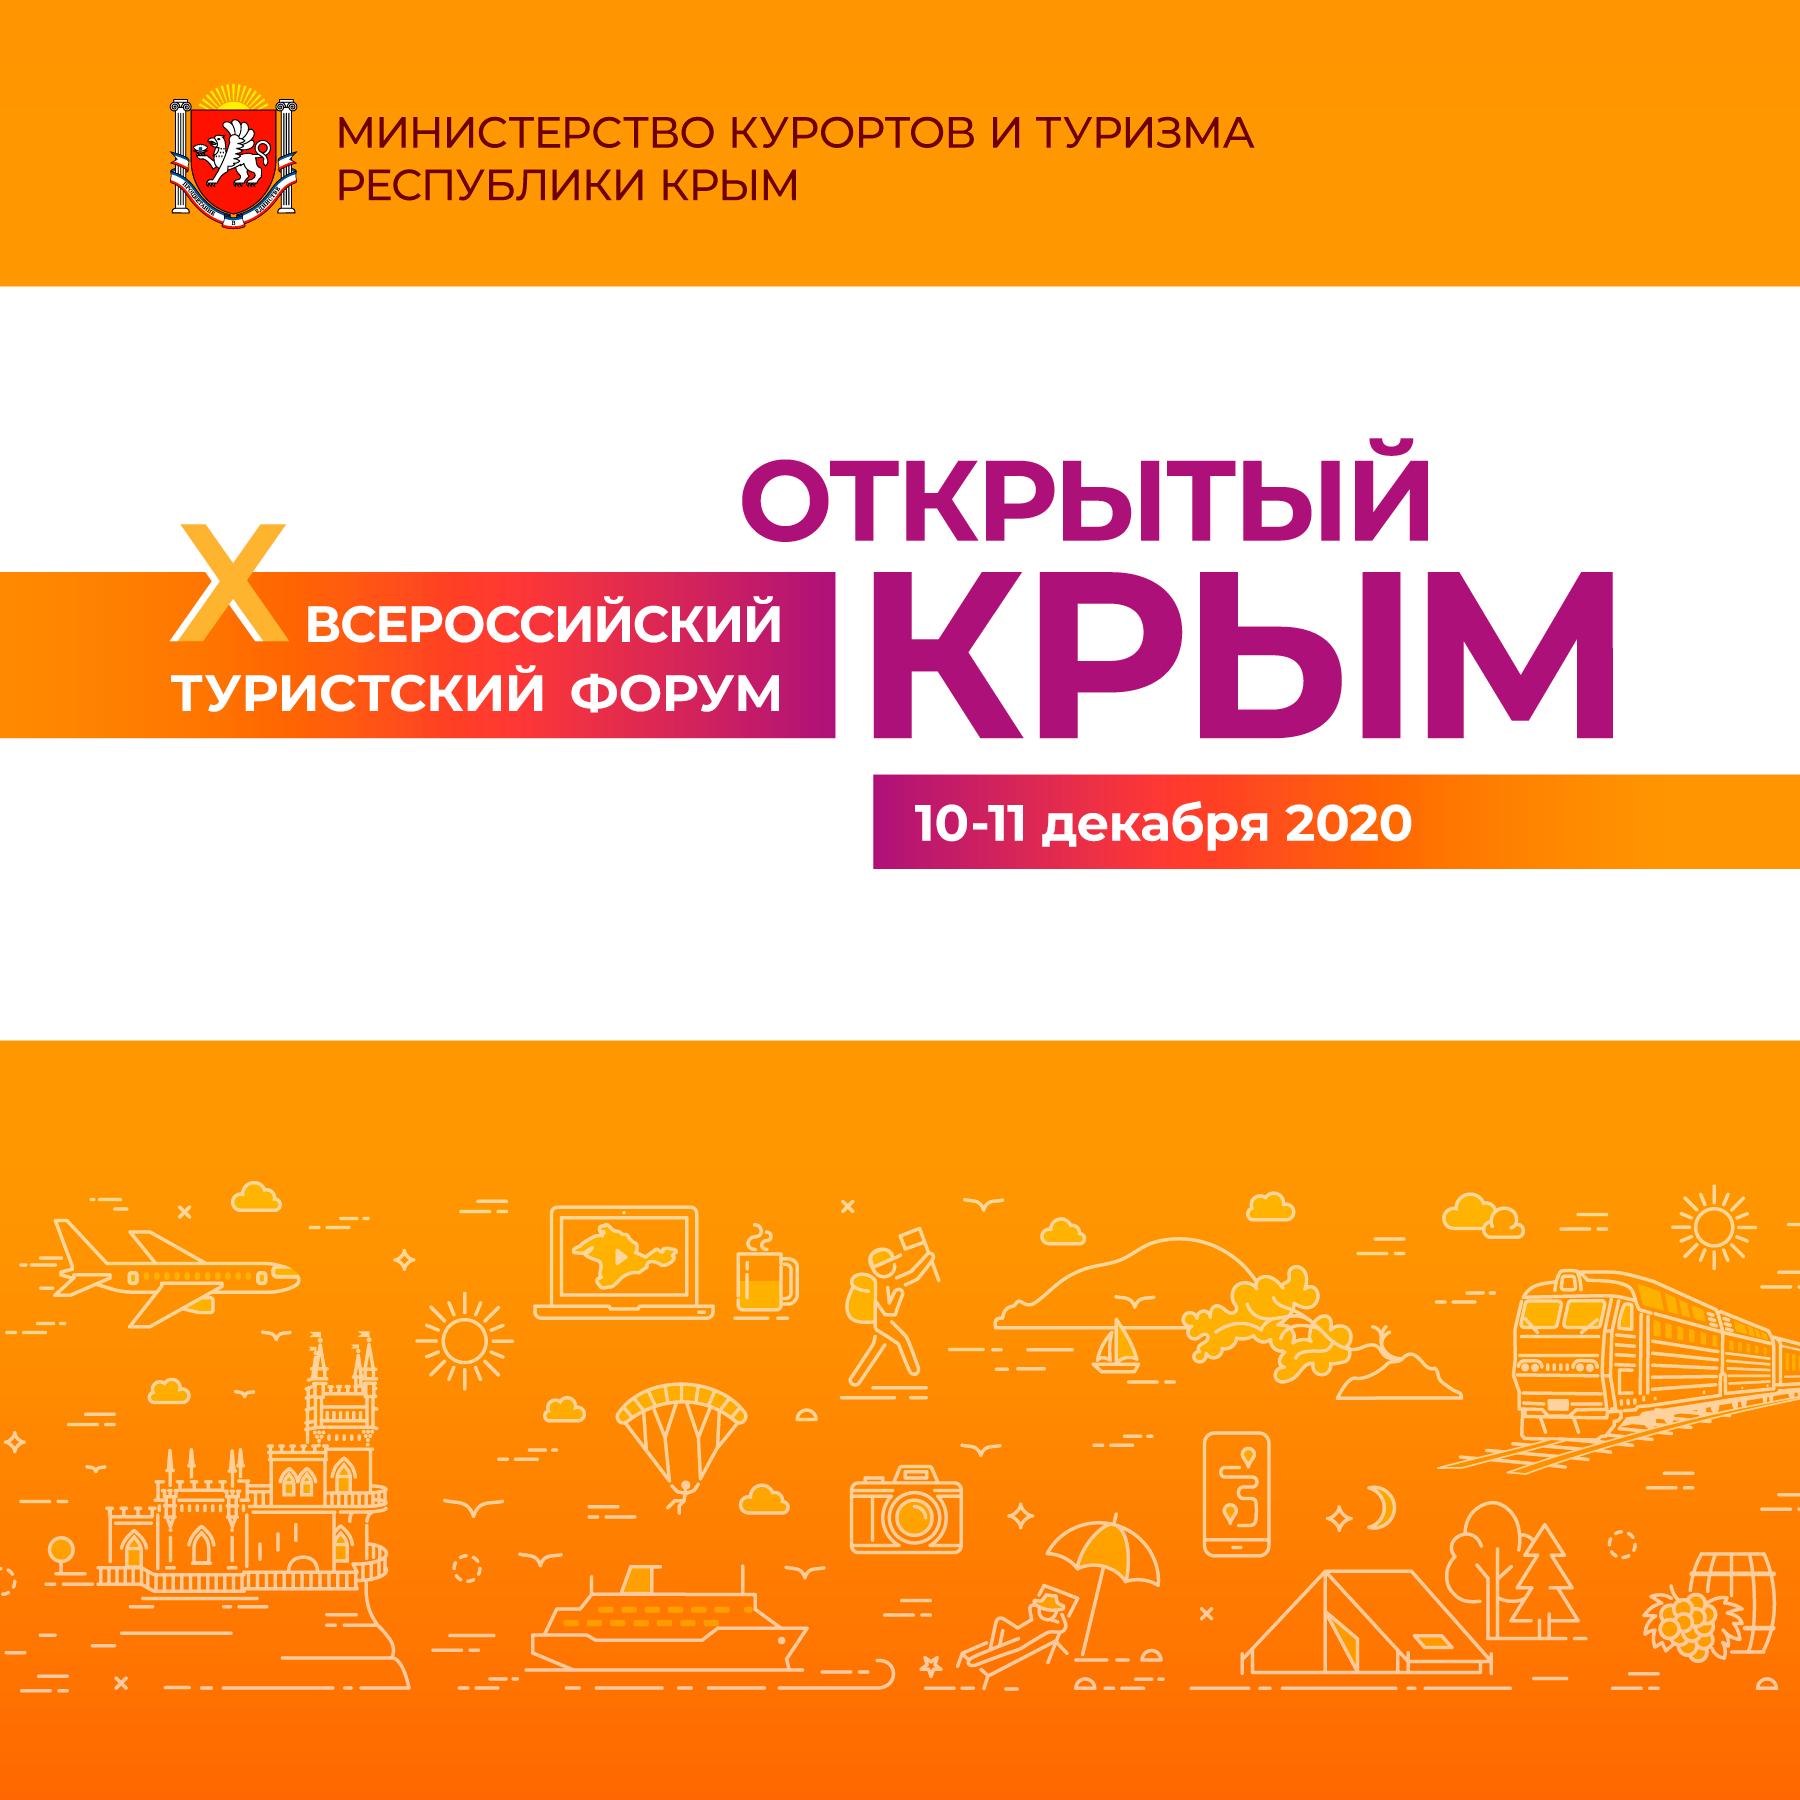 От Владивостока до Калининграда: более 30 регионов России примут участие в X Всероссийском форуме «Открытый Крым»